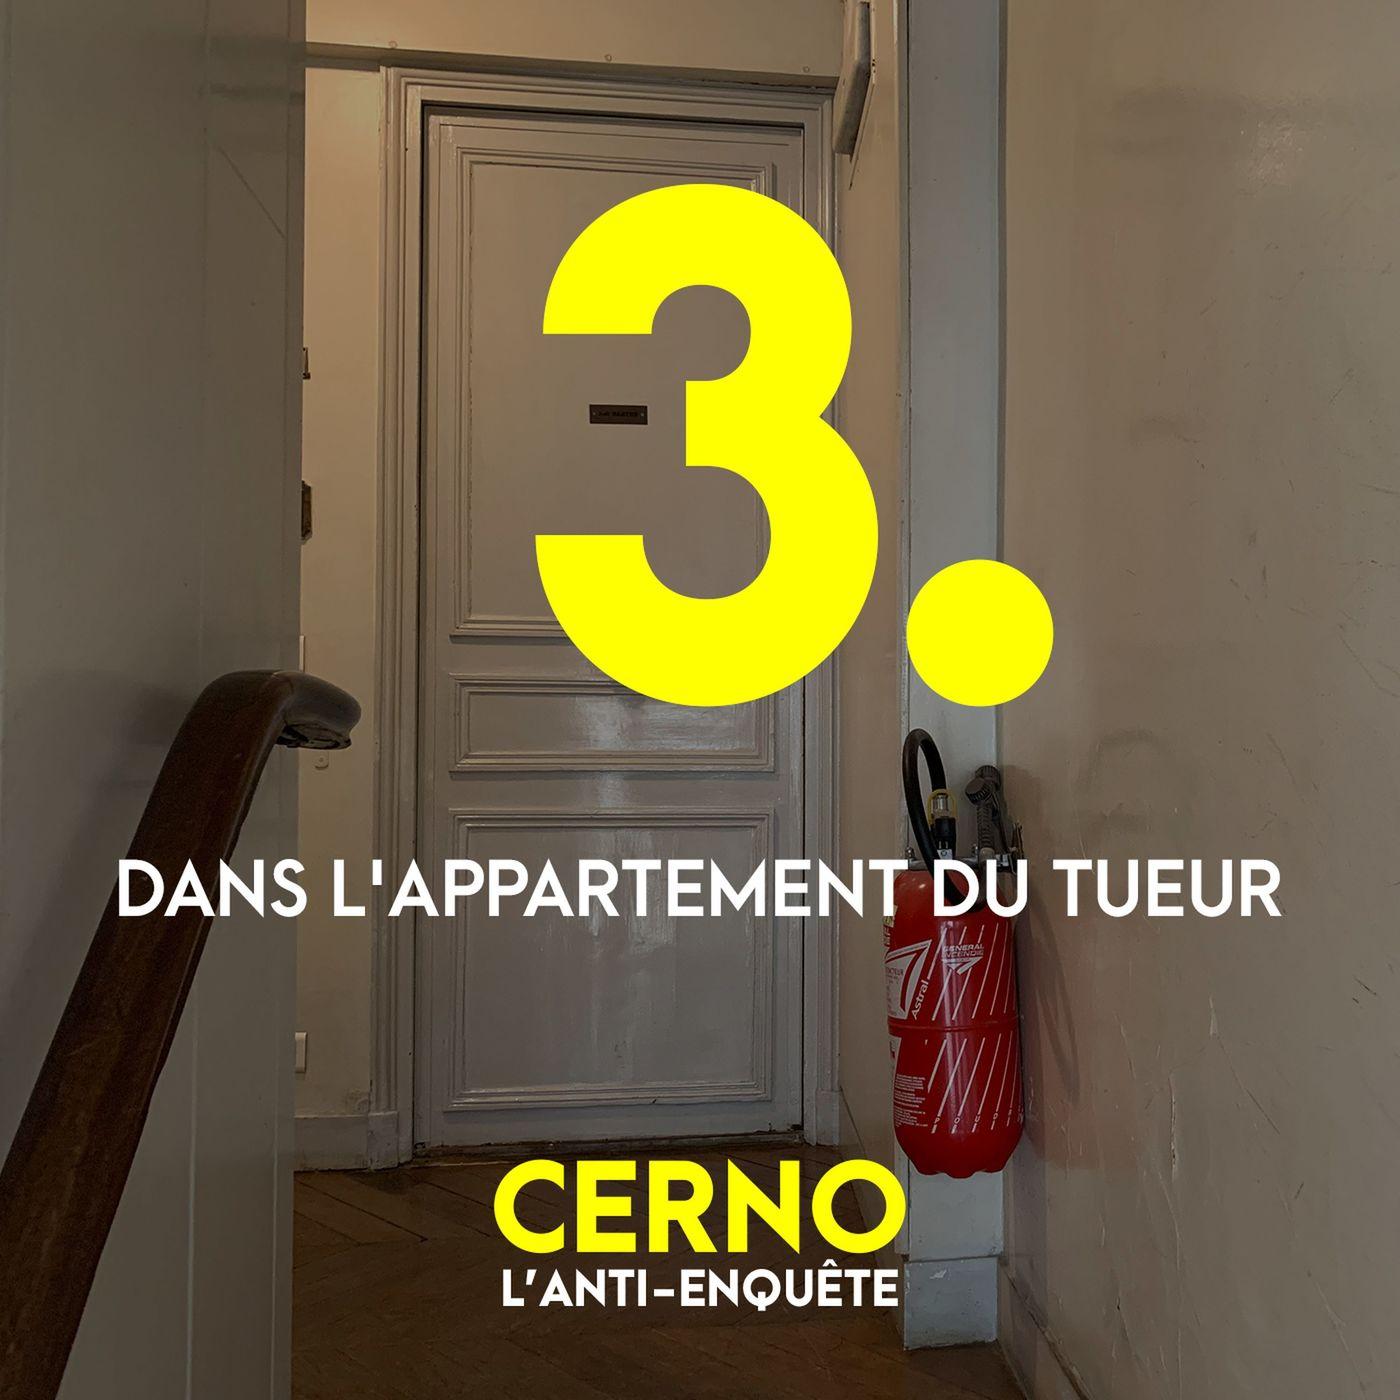 Episode 3 : Dans l'appartement du tueur